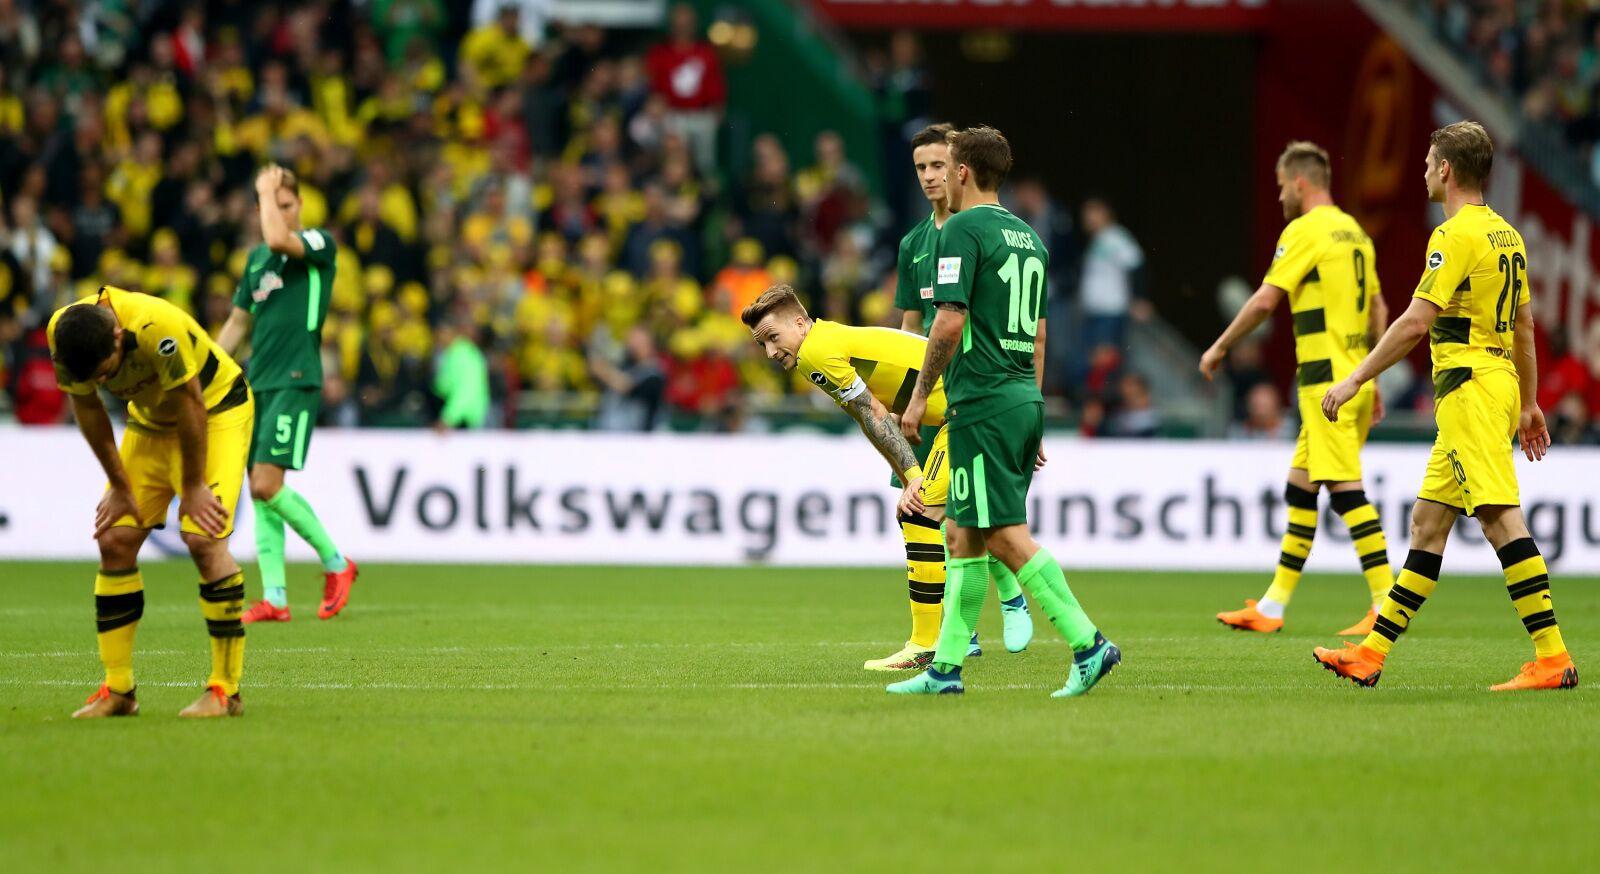 Werder Bremen Dortmund